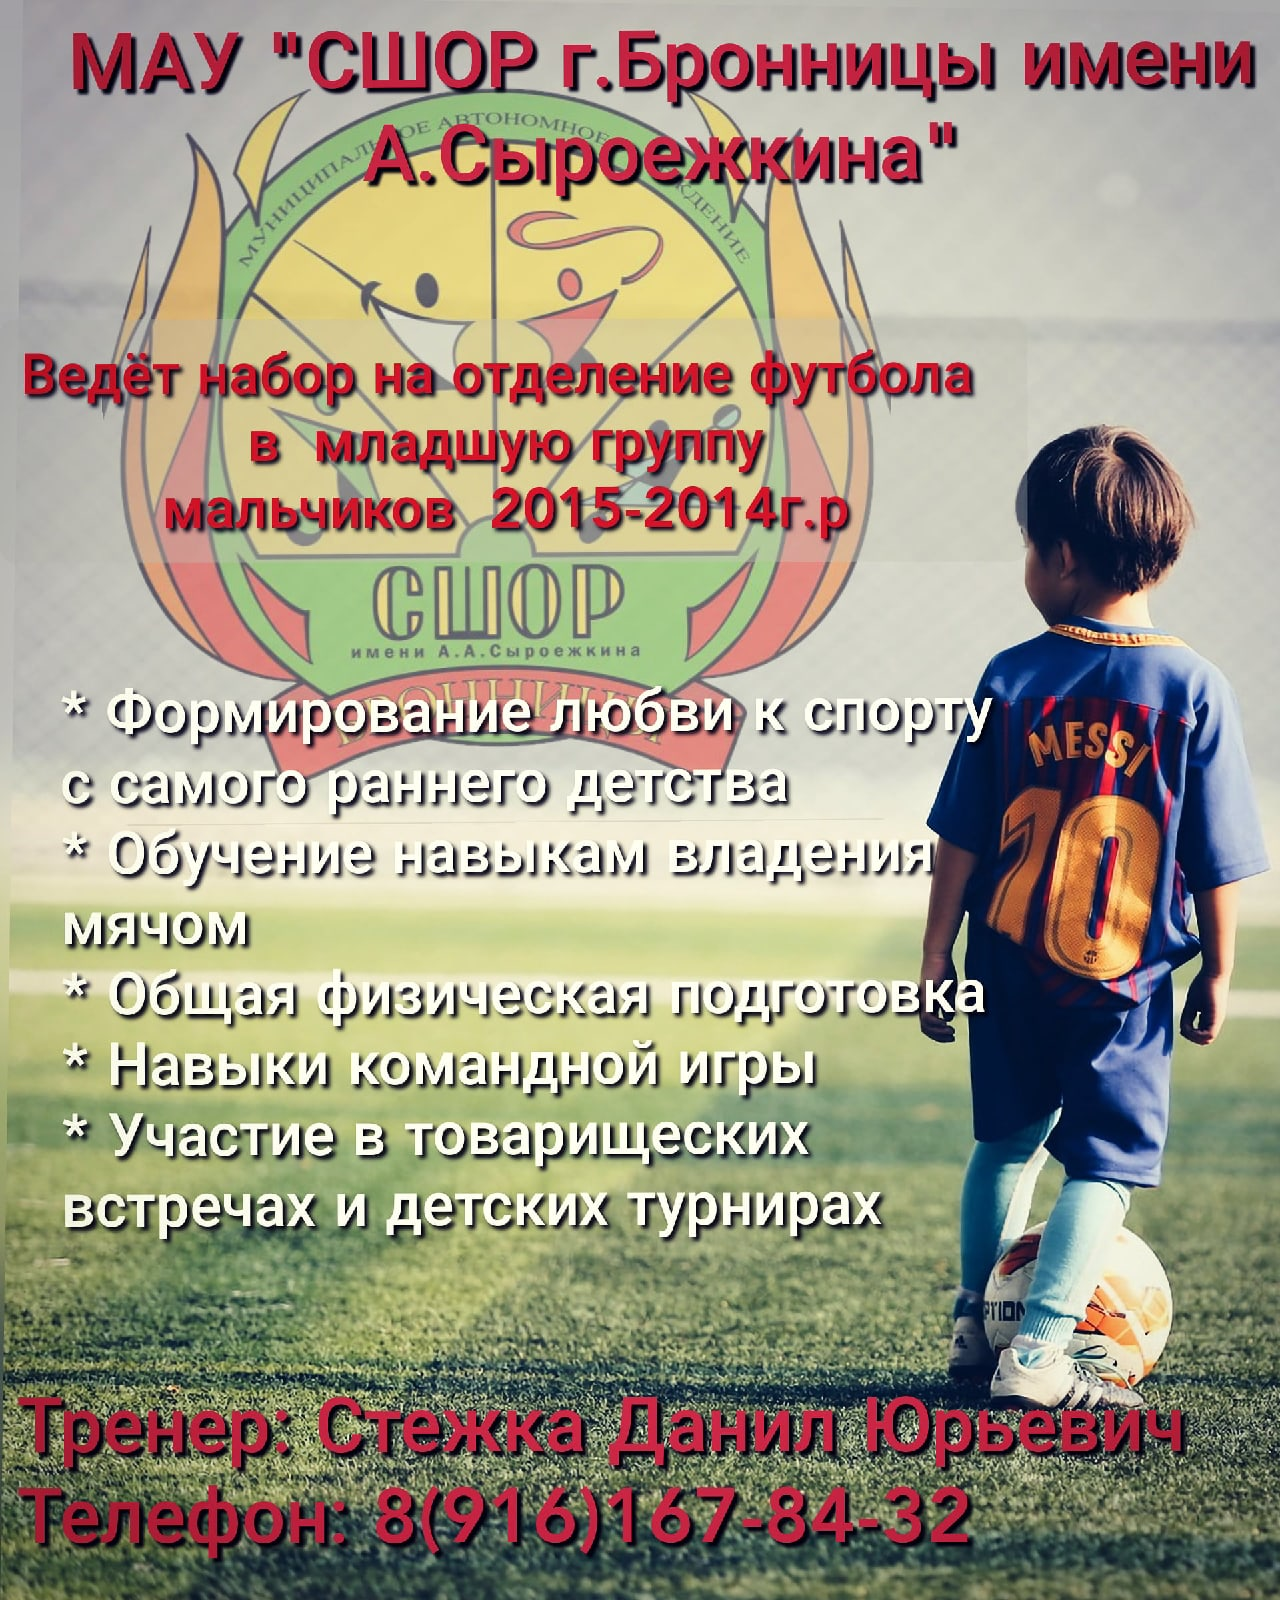 Набор на отделение футбола в младшую группу, мальчиков 2015-2014г.р.